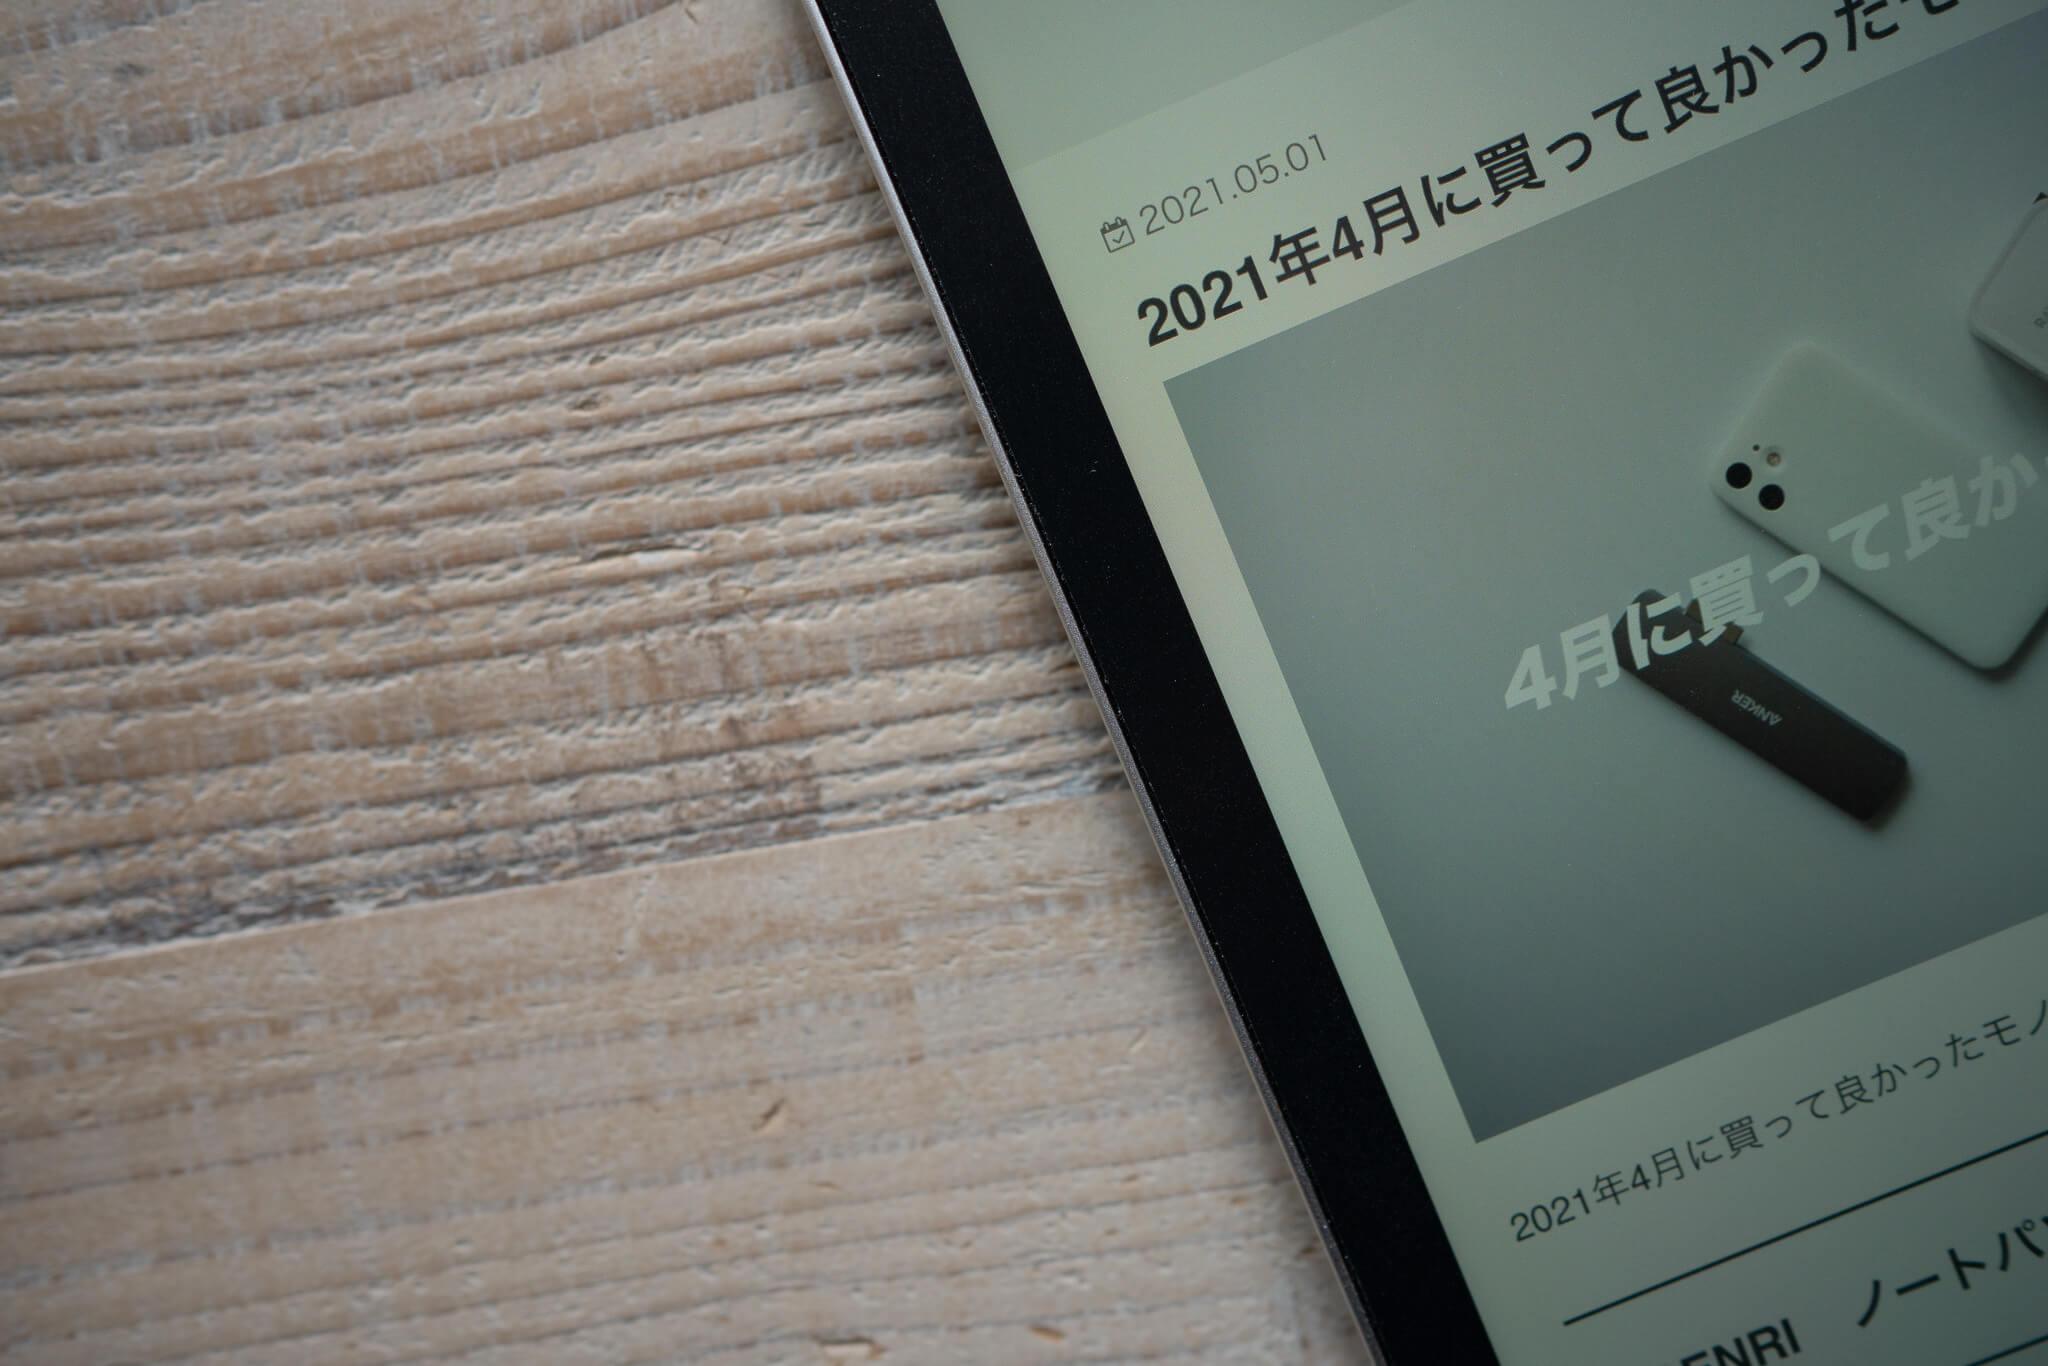 210503 ipad pro paper like film 8